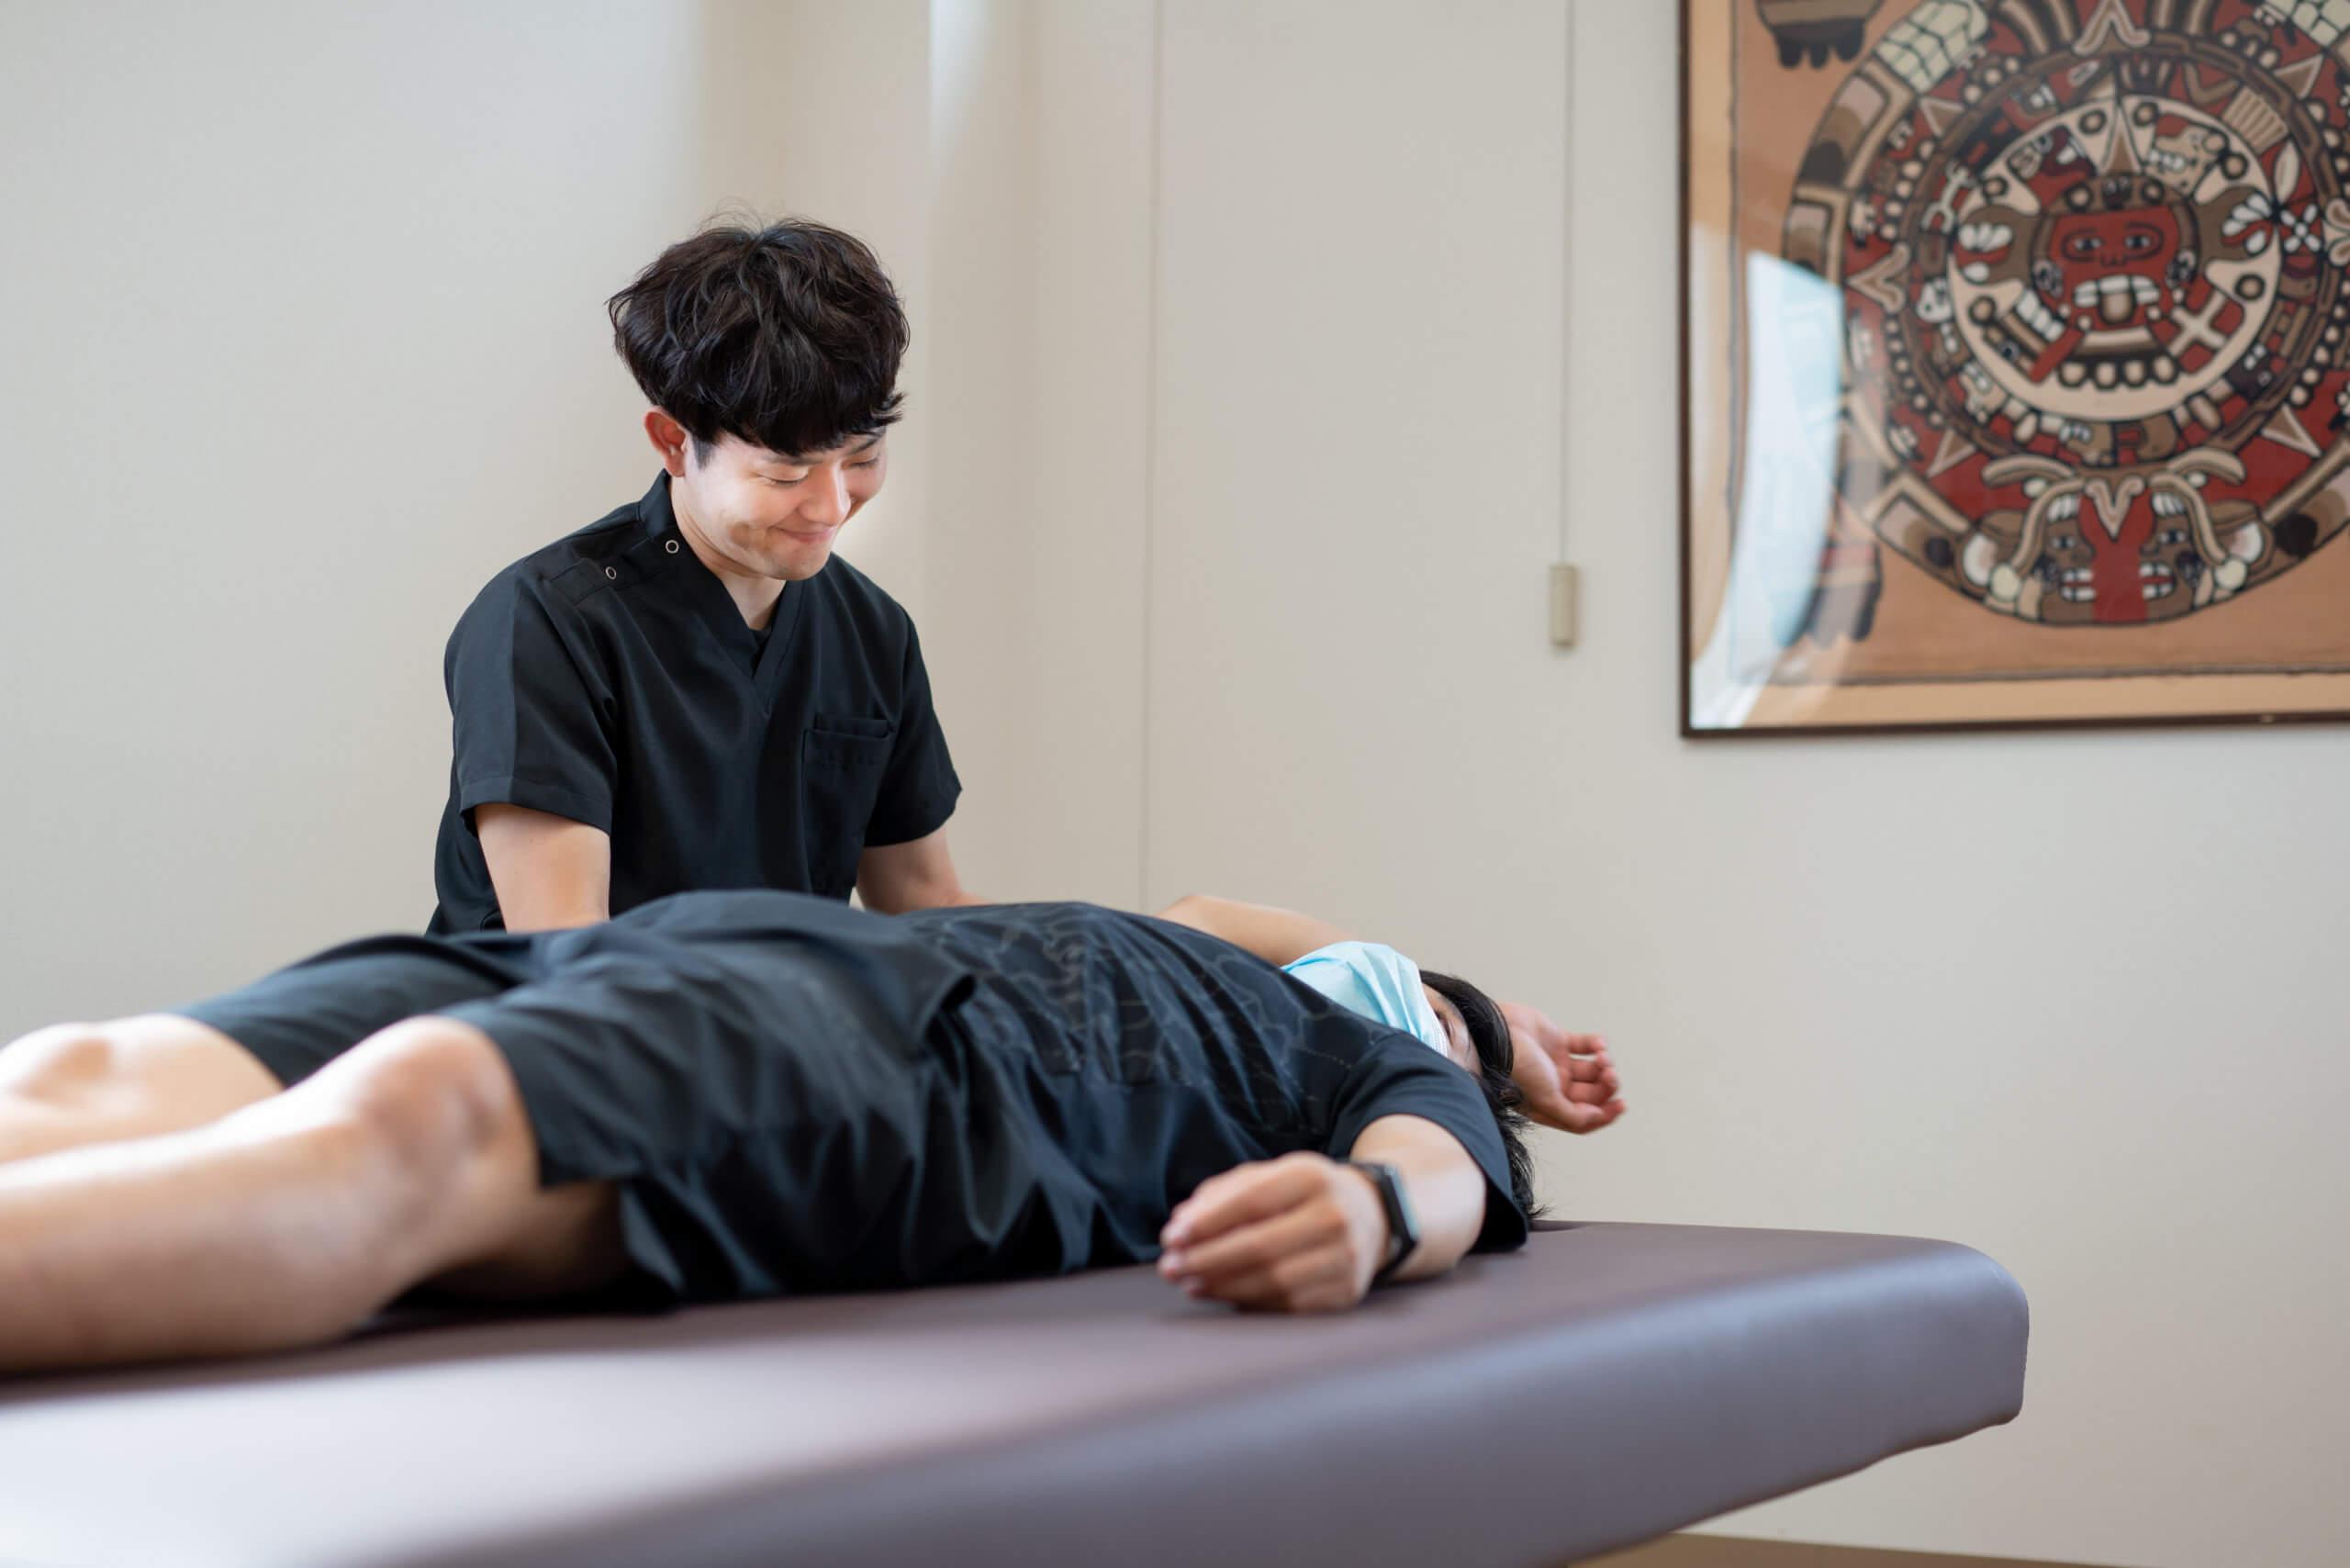 投球障害治療(野球肩・野球肘)中の風景